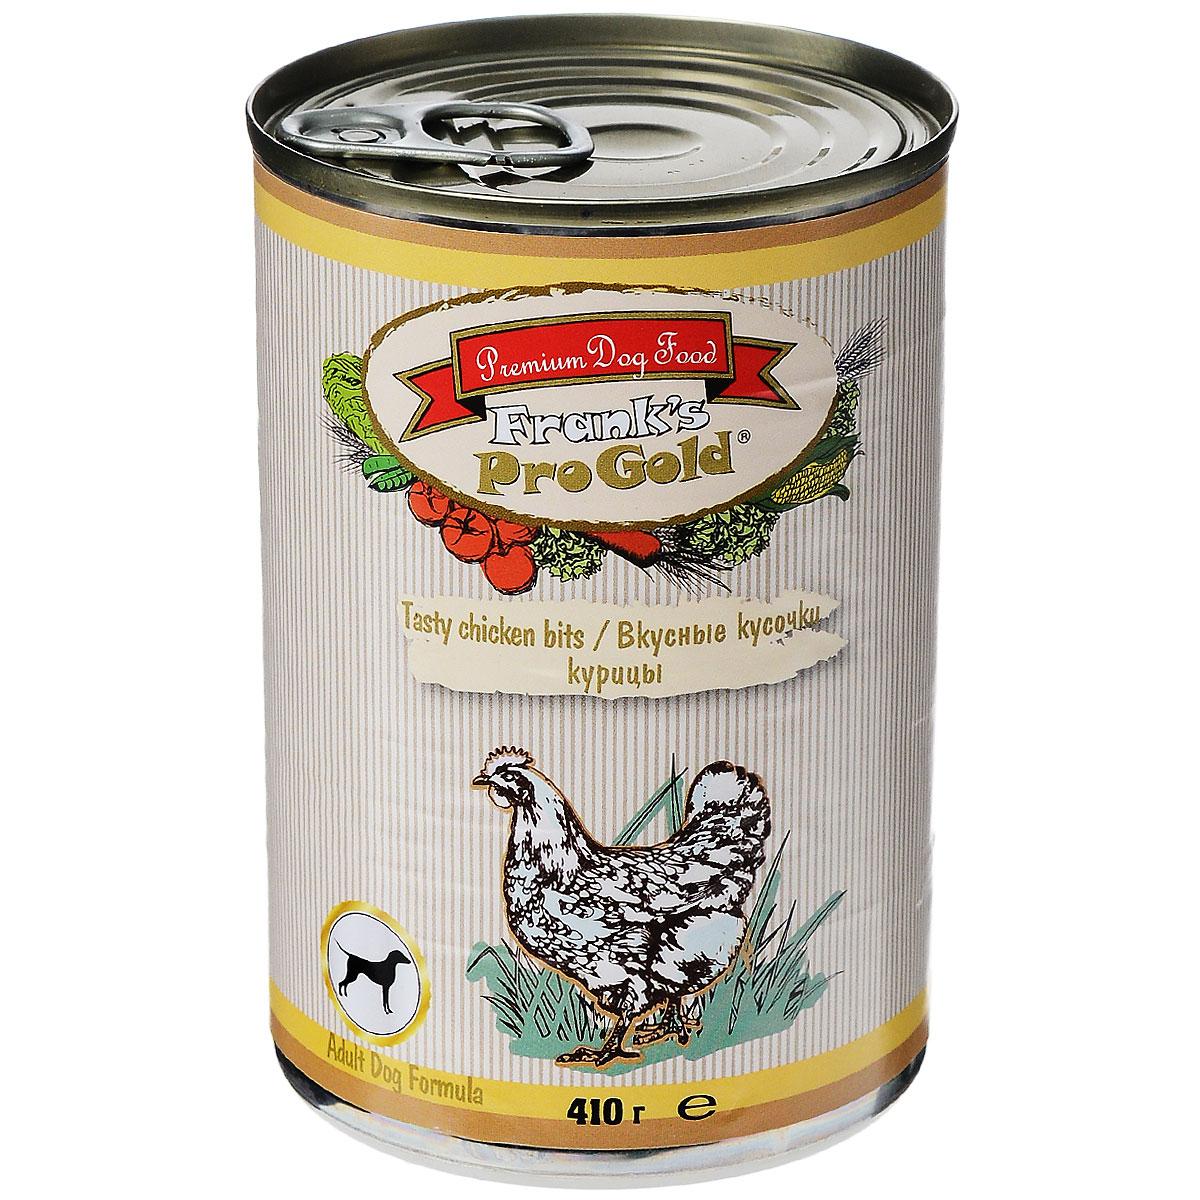 Консервы для собак Franks ProGold, с курицей, 410 г19421Консервы для собак Franks ProGold - полнорационный продукт, содержащий все необходимые витамины и минералы, сбалансированный для поддержания оптимального здоровья вашего питомца! Ваш любимец, безусловно, оценит нежнейшие кусочки мяса в желе! Произведенные из натуральных ингредиентов, консервы Franks Pro Gold не содержат ГМО, сою, искусственных красителей, консервантов и усилителей вкуса. Состав: мясо и его производные, курица, злаки, витамины и минералы. Пищевая ценность: белки 6,5%, жиры 4,5%, клетчатка 0,5%, зола 2%, влажность 81%. Добавки: витамин A 1600 IU, витамин D 140 IU, витамин E 10 IU, железо 24 мг/кг, марганец 6 мг/кг, цинк 15 мг/кг, медь 1 мг/кг, магний 200 мг/кг, йодин 0,3 мг/кг, селен 0,2 мг/кг. Калорийность: 393,6 ккал.Товар сертифицирован.